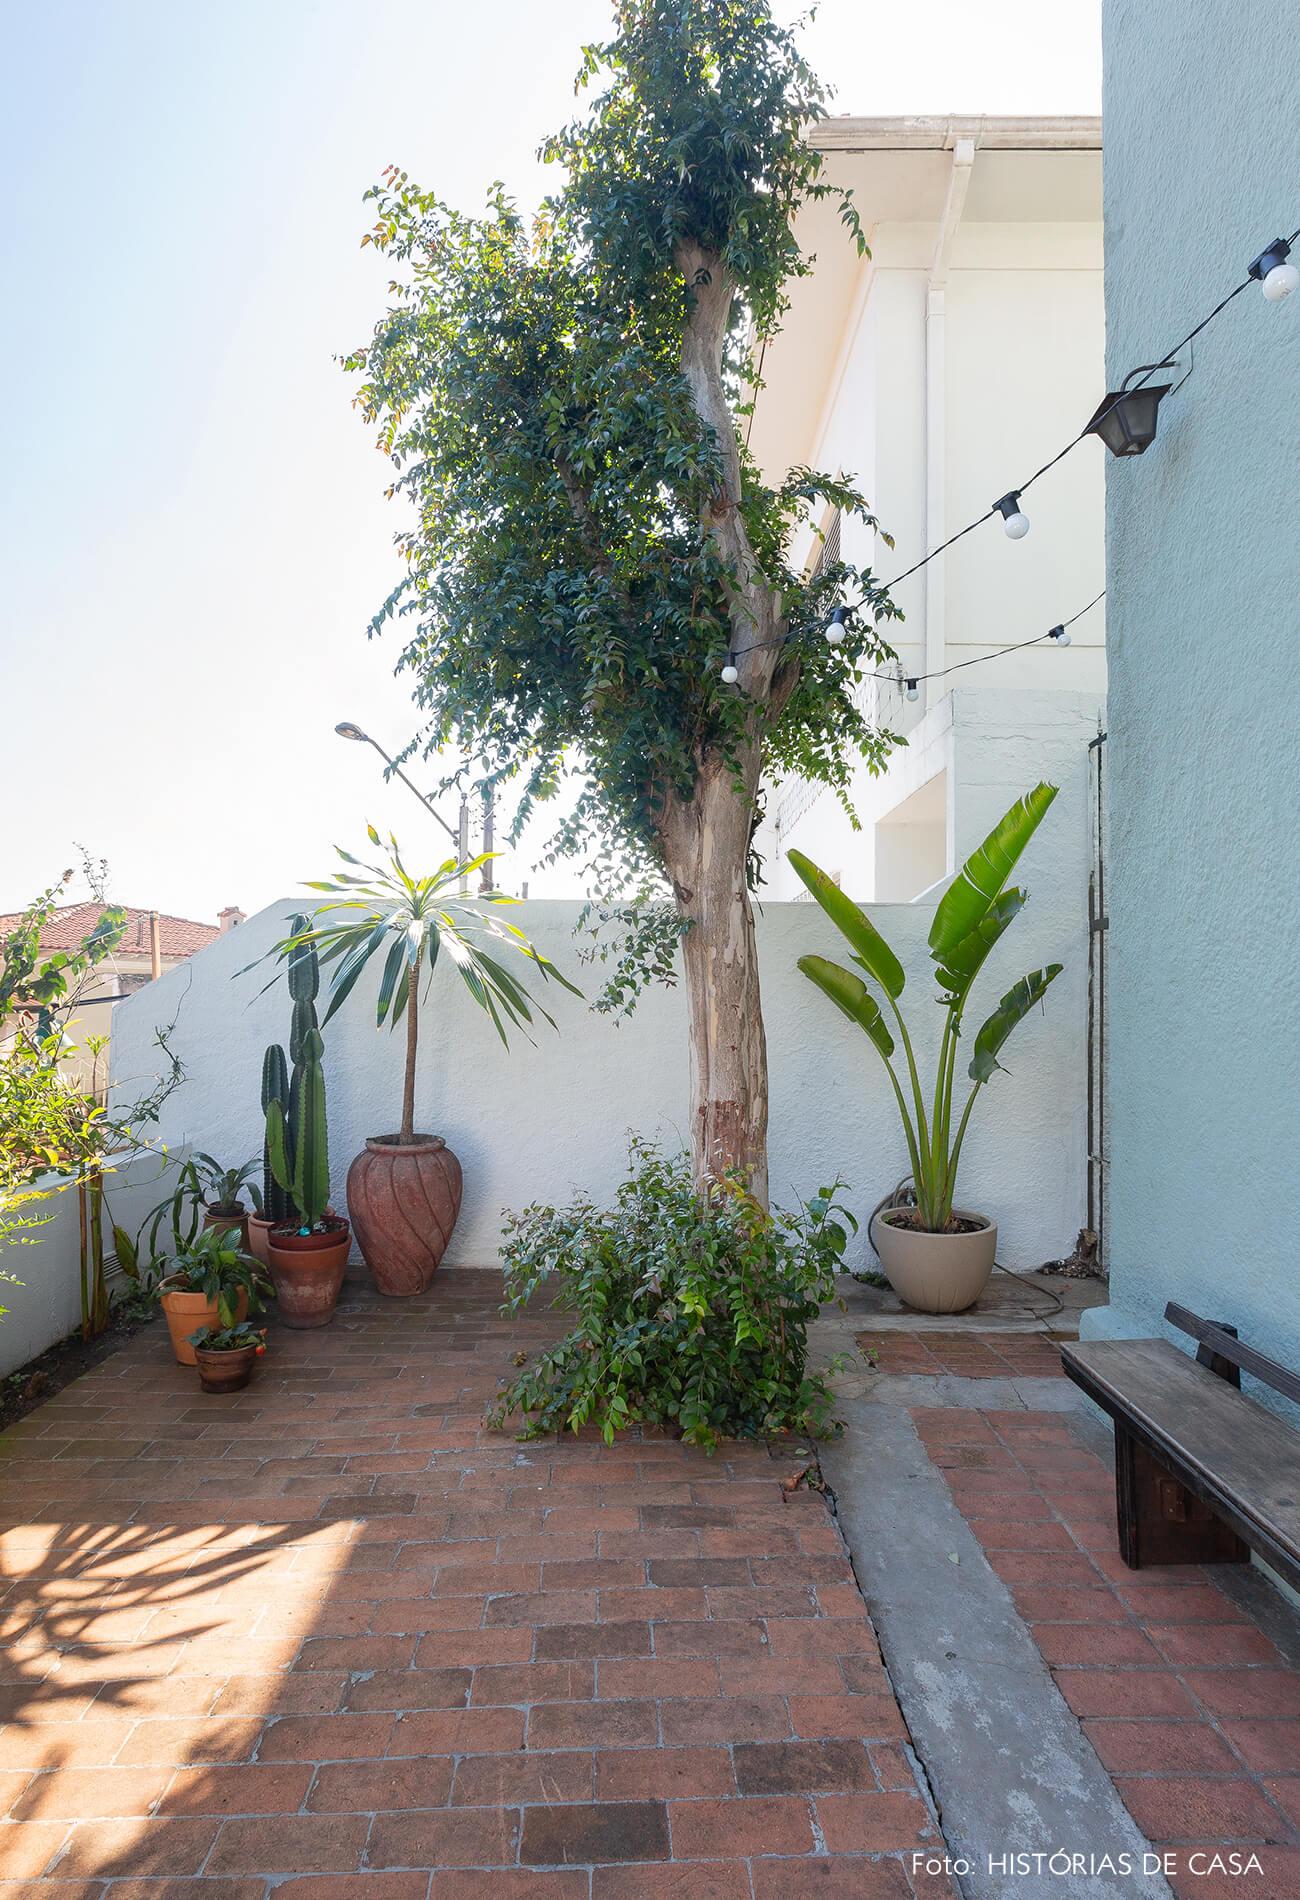 Casa de vila com terraço frontal e plantas